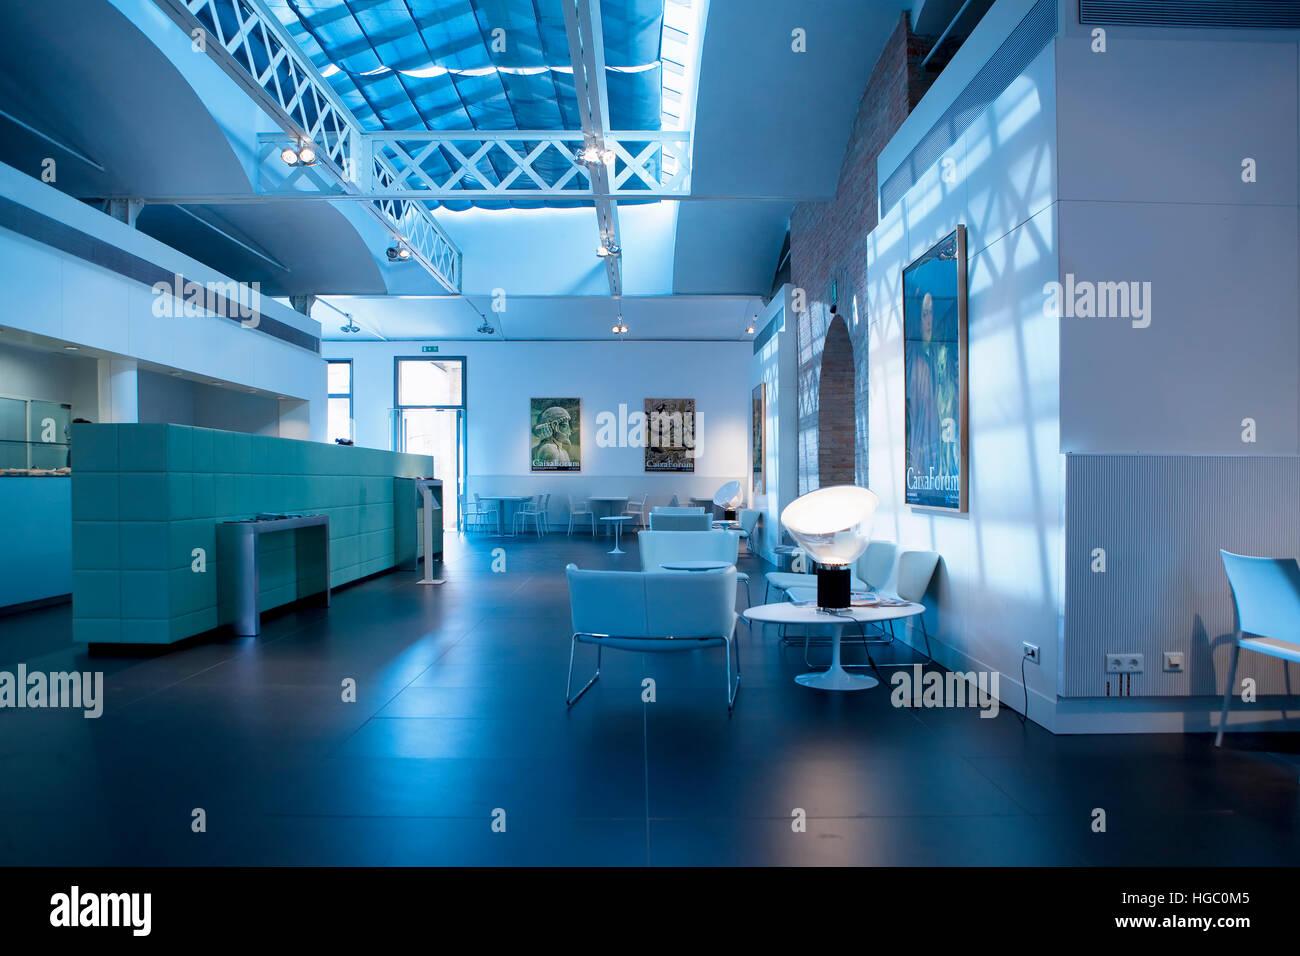 Caixa Forum in Montjuic, Barcelona - Stock Image